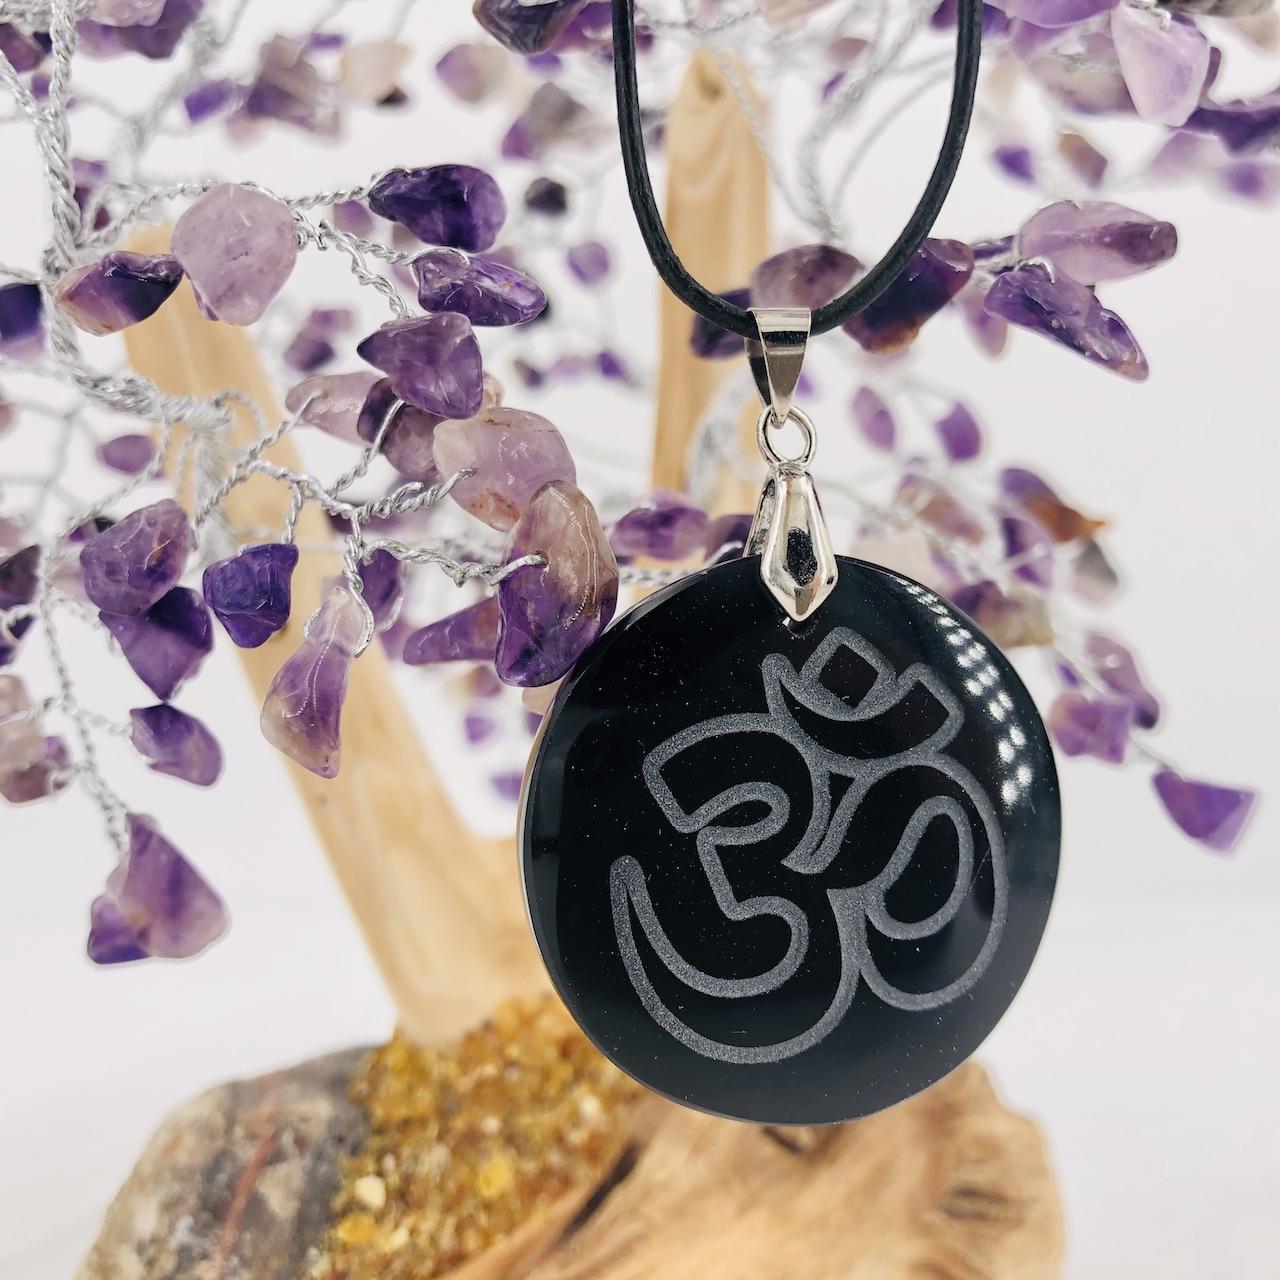 obsidienne-pendentif-pierres-du-monde-vosges-1